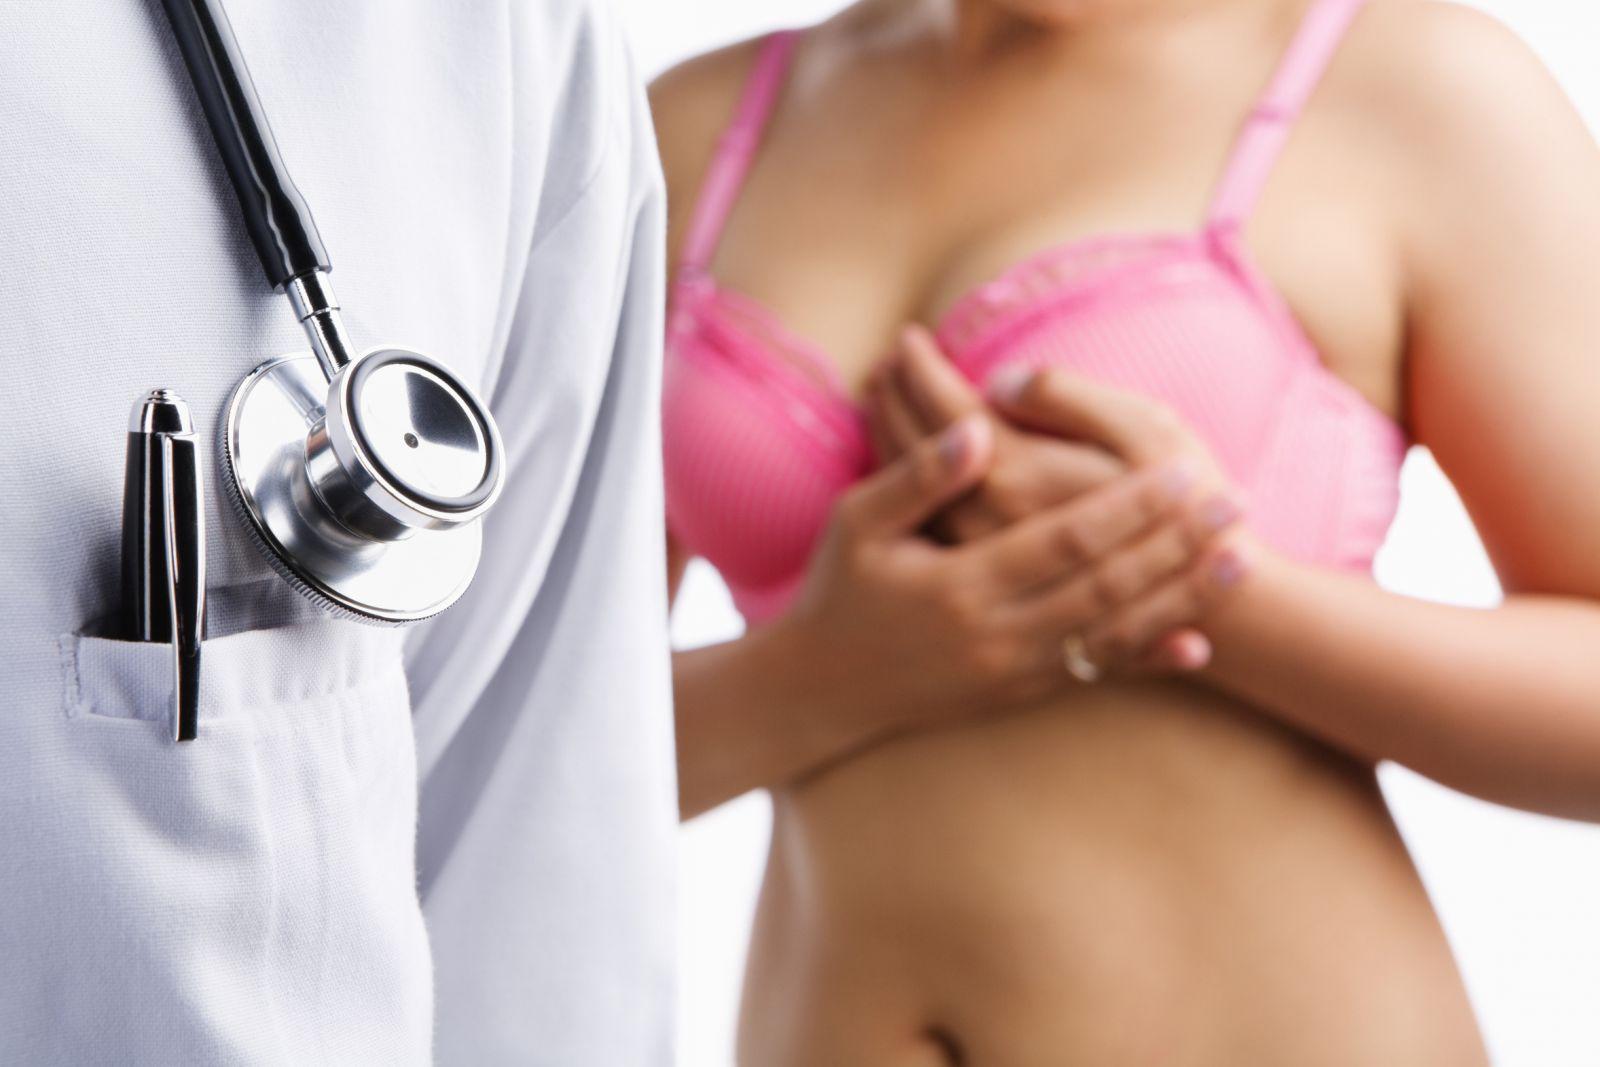 Фиброзная мастопатия молочных желёз: виды, симптомы и лечение